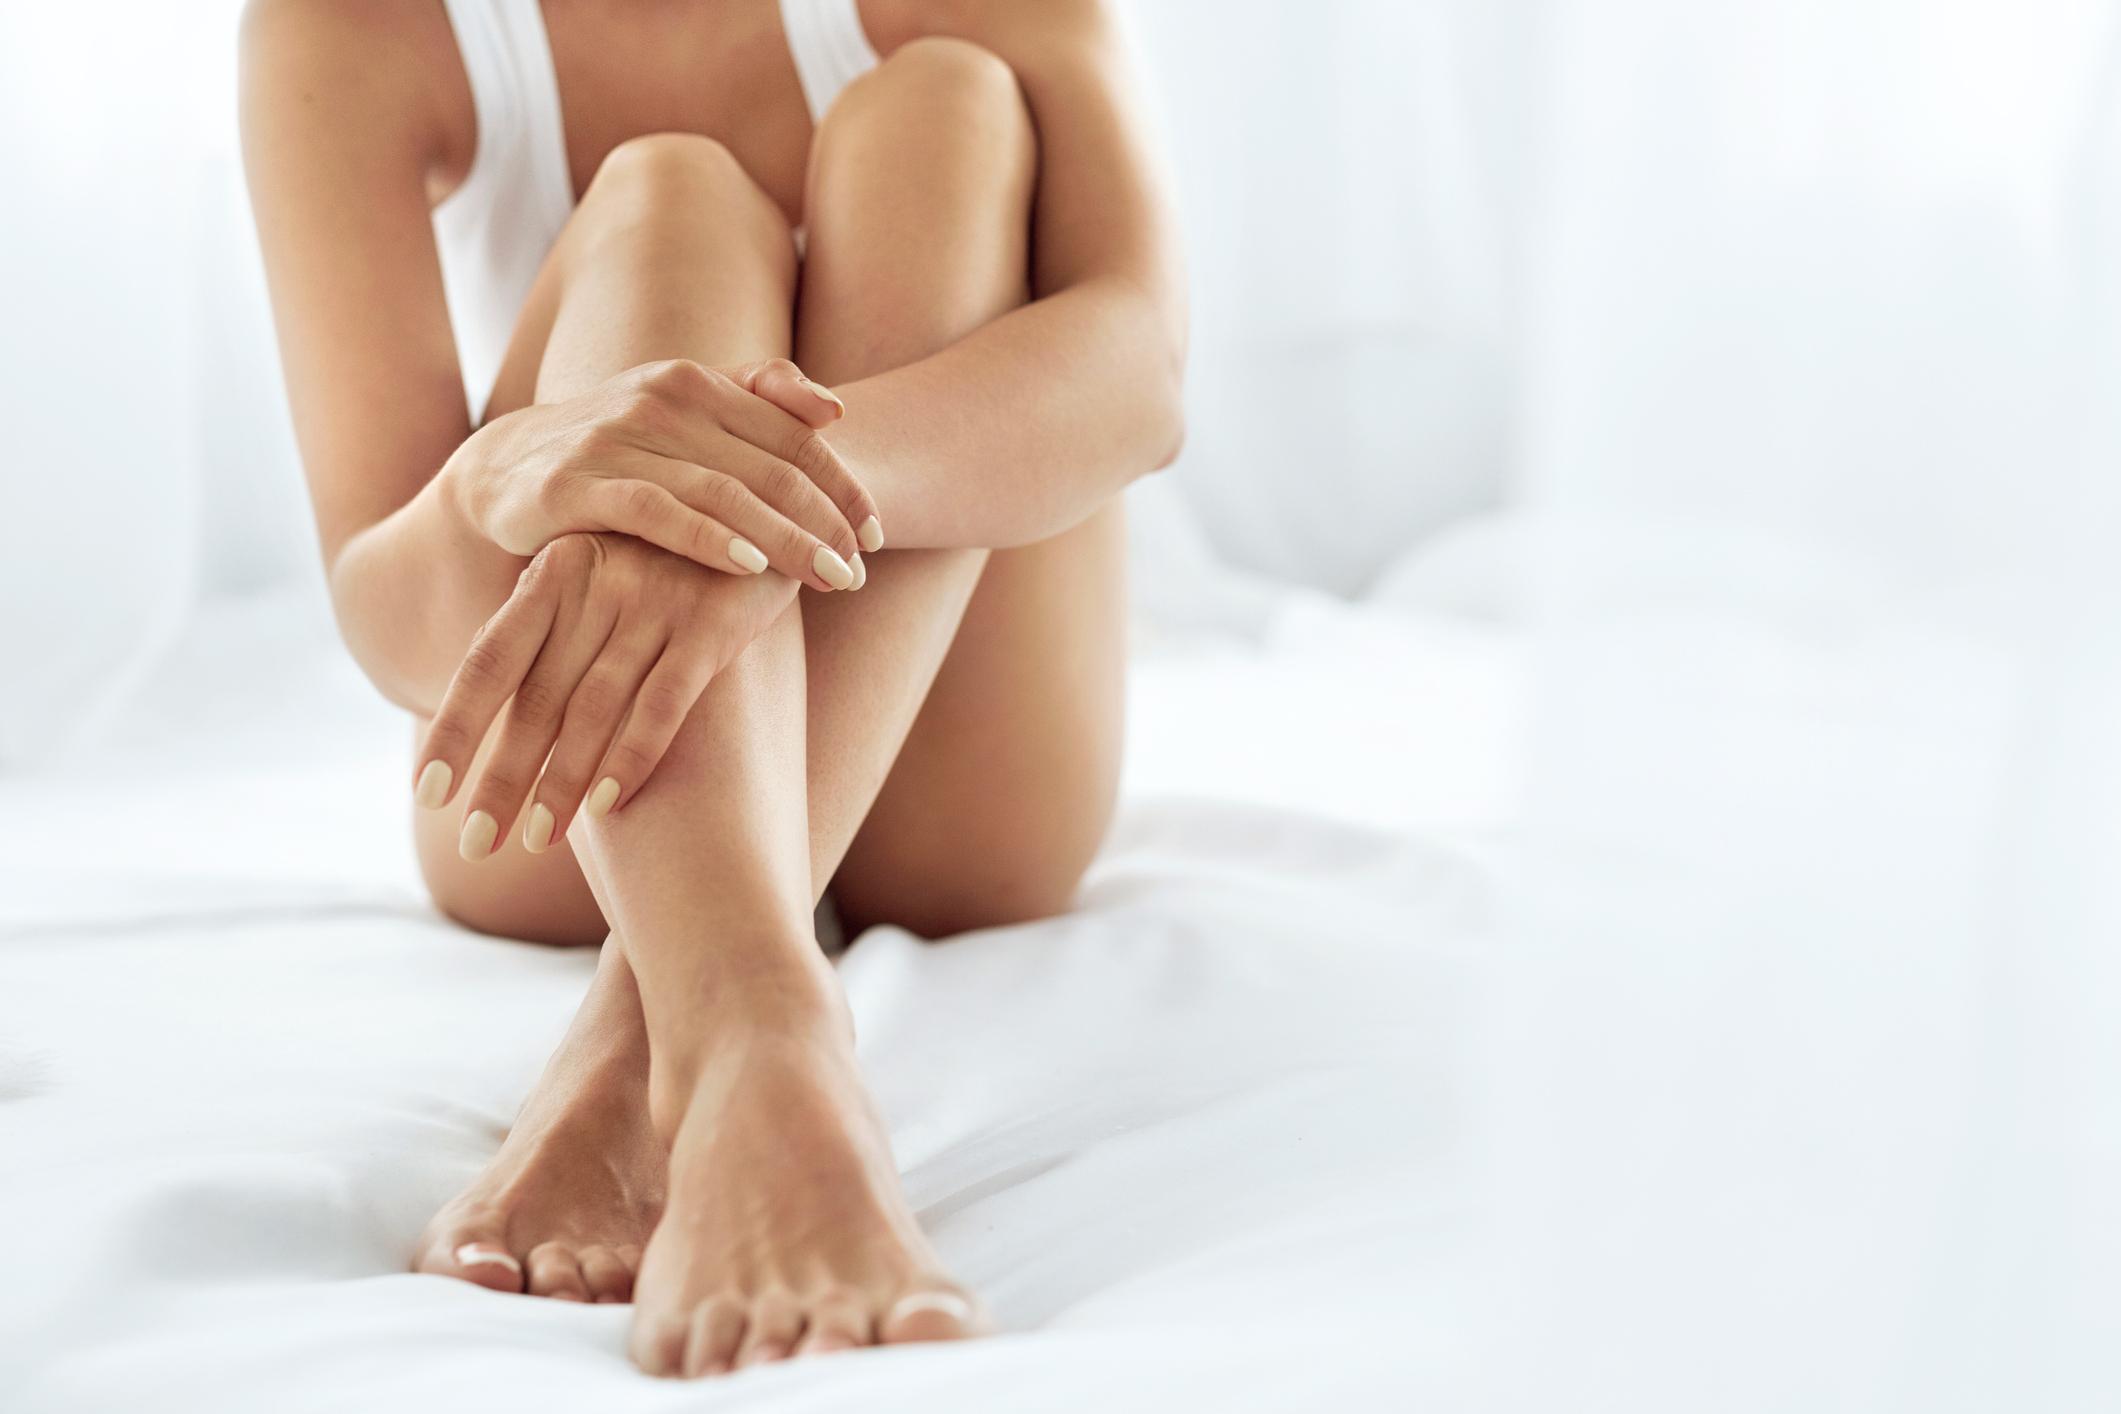 O ressecamento na região vaginal é um incômodo que atinge muitas mulheres. A saúde íntima pode, muitas vezes, ser negligenciada por conta da correria do dia a dia, excesso de tarefas no trabalho, cuidados com a casa e a família.